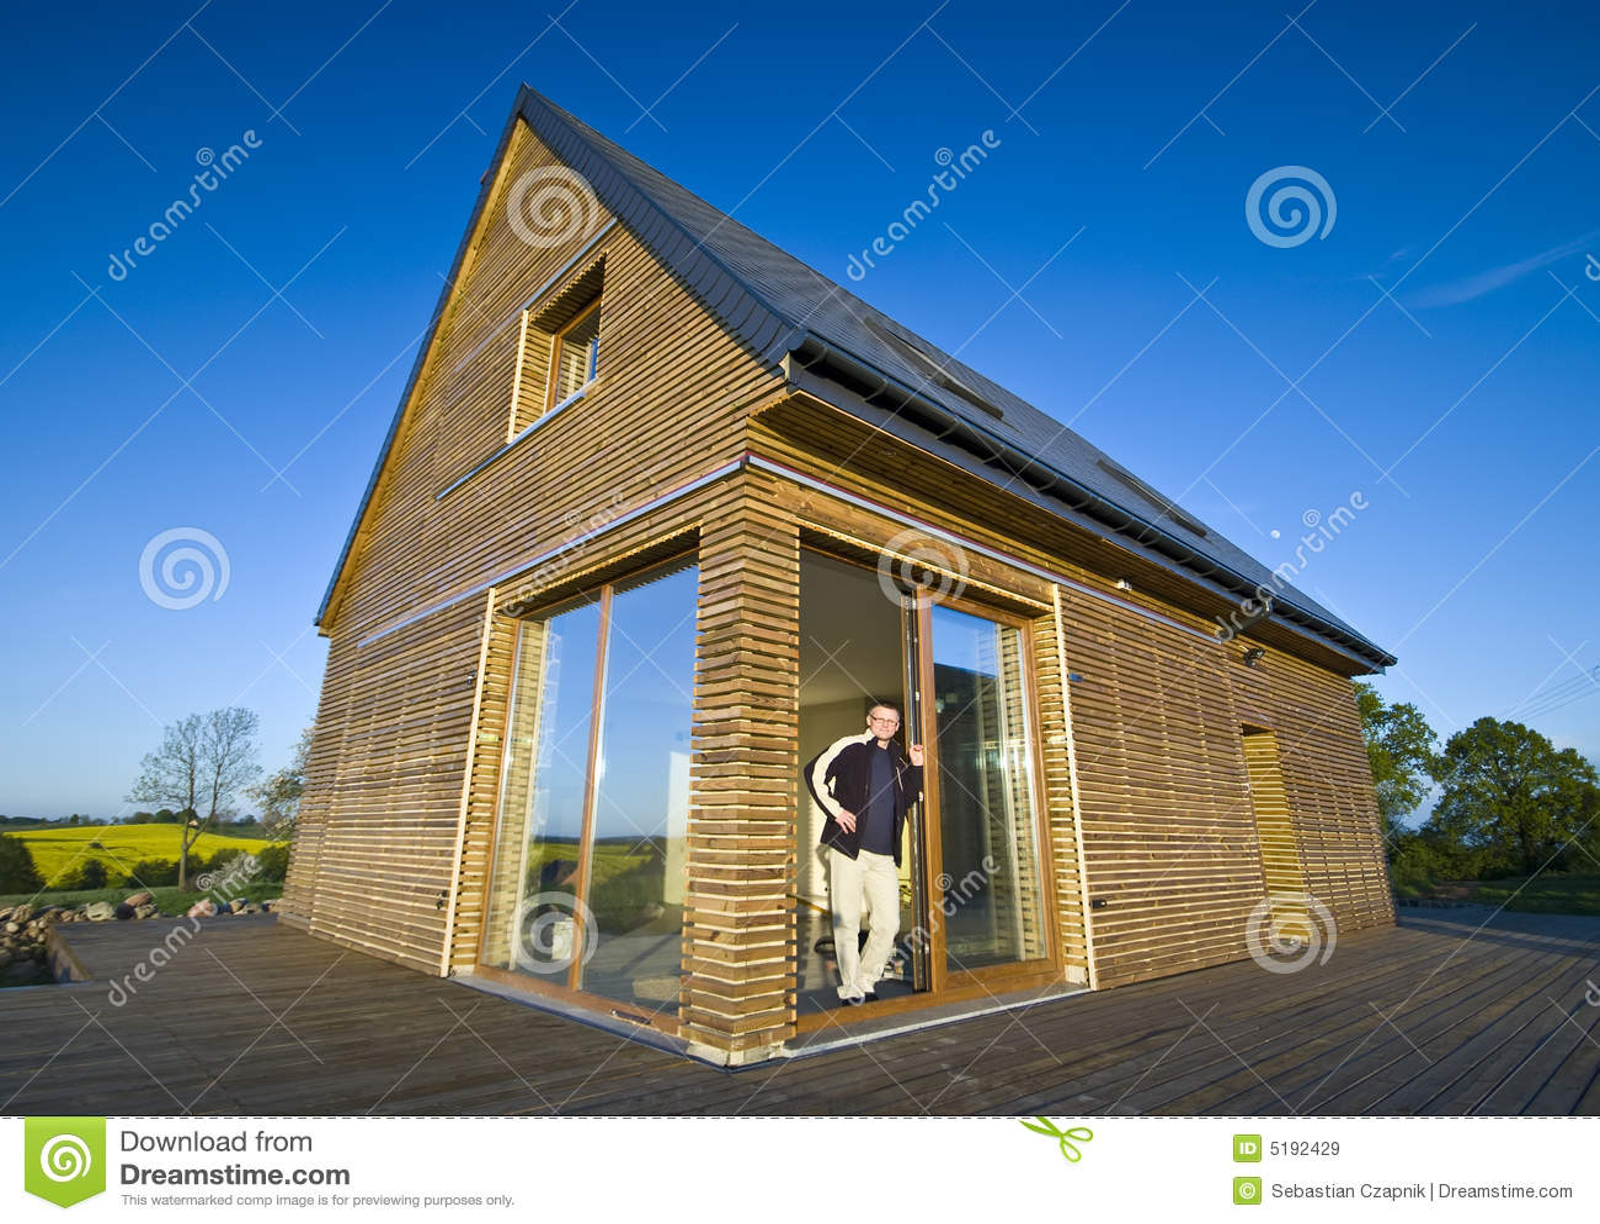 Huis met houten buitenkant royalty vrije stock afbeeldingen afbeelding 5192429 for Hout huis